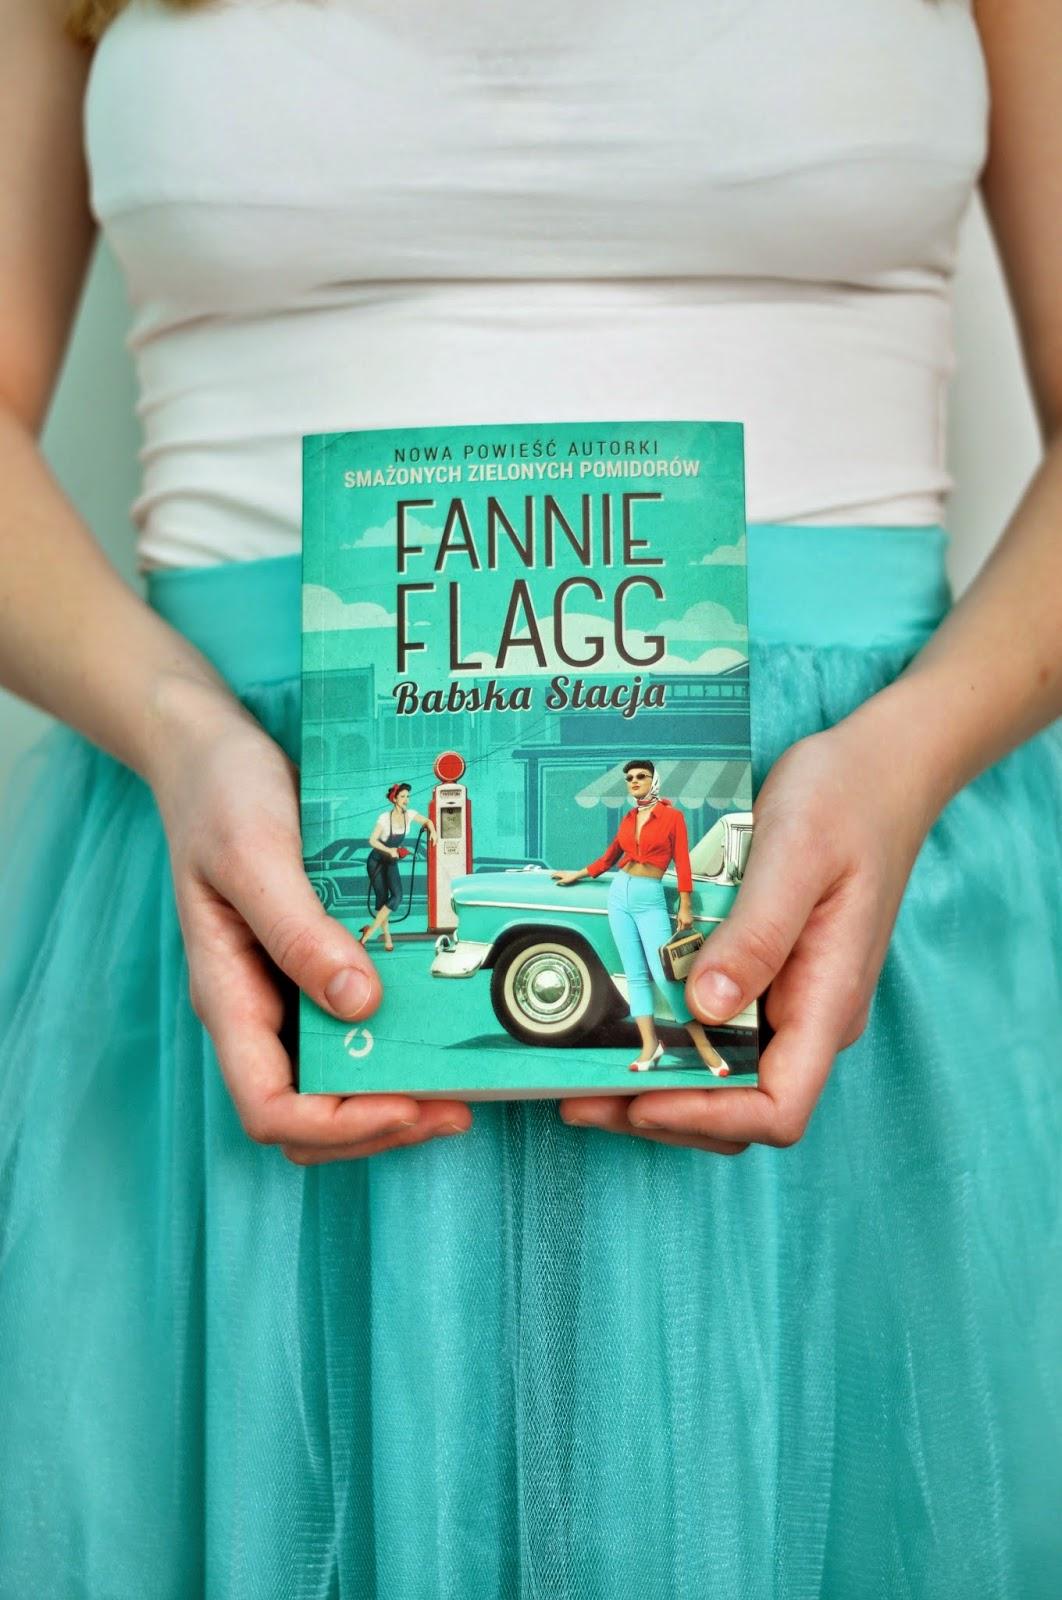 Fannie Flagg Babska Stacja miętowa tiulowa spódnica